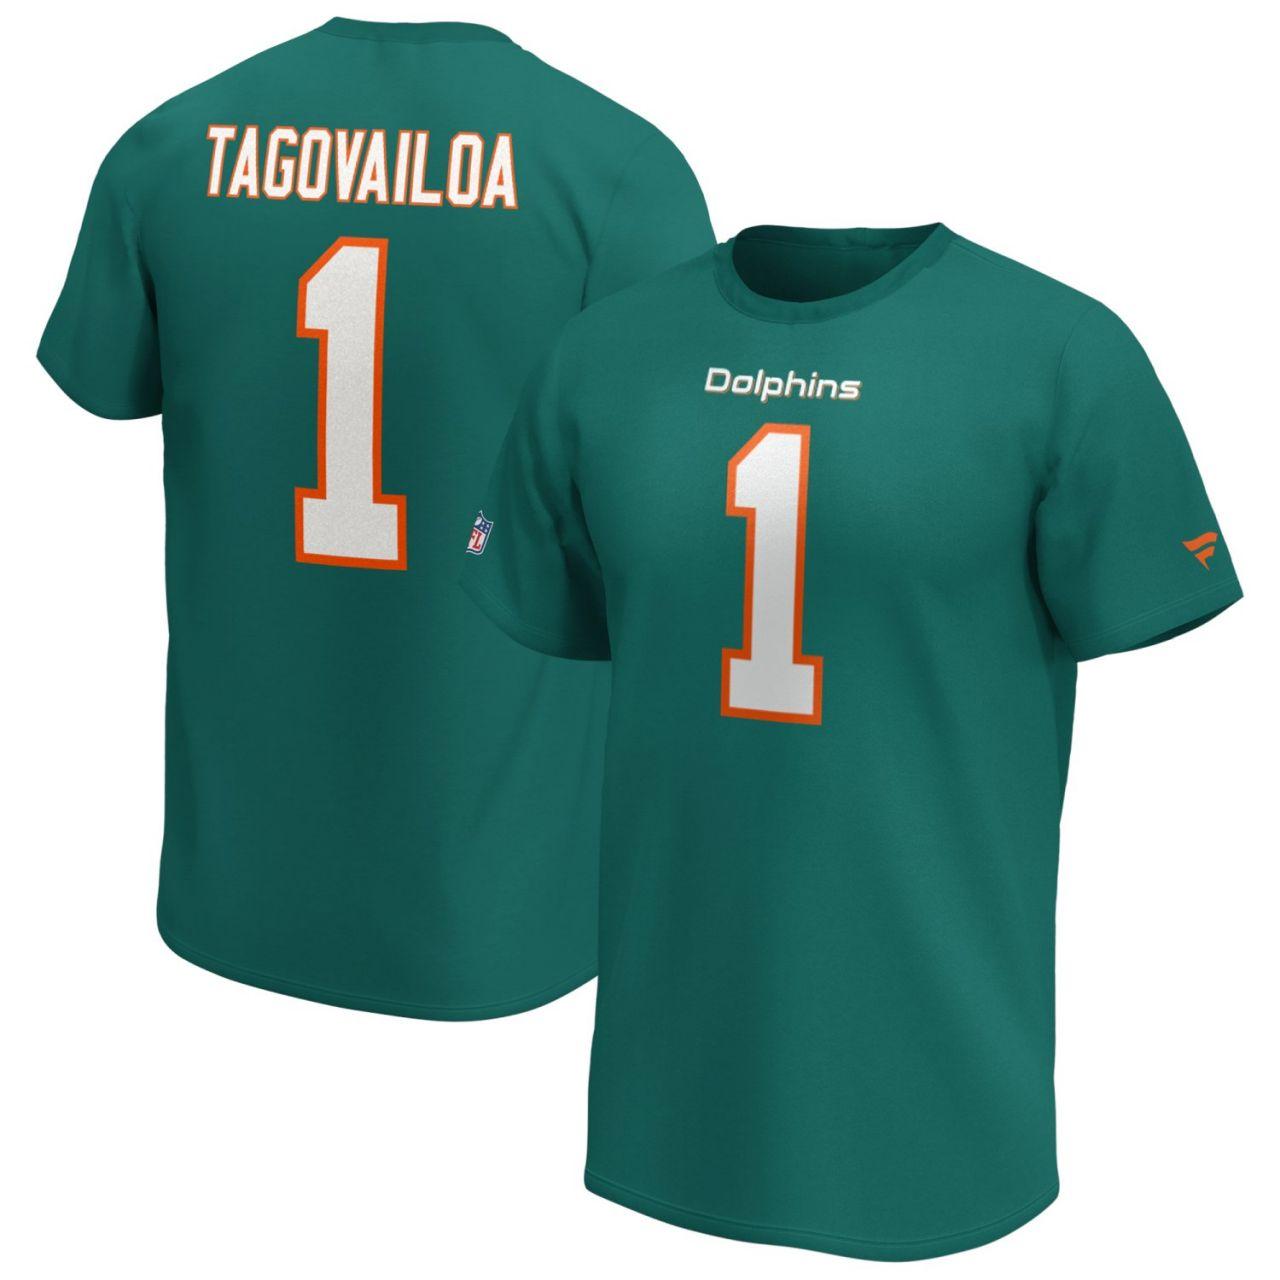 amfoo - Miami Dolphins NFL Shirt #1 Tua Tagovailoa